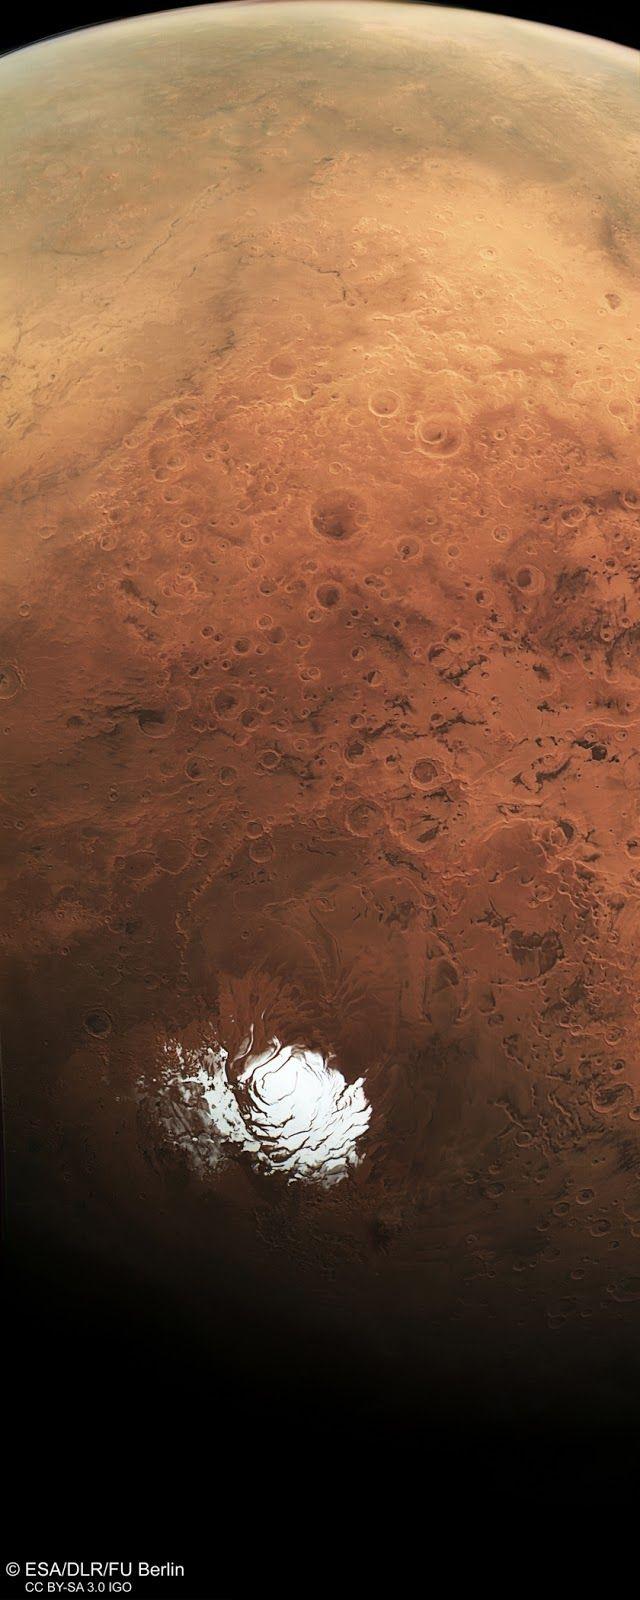 Astrofísica y Física: El Polo Sur de Marte